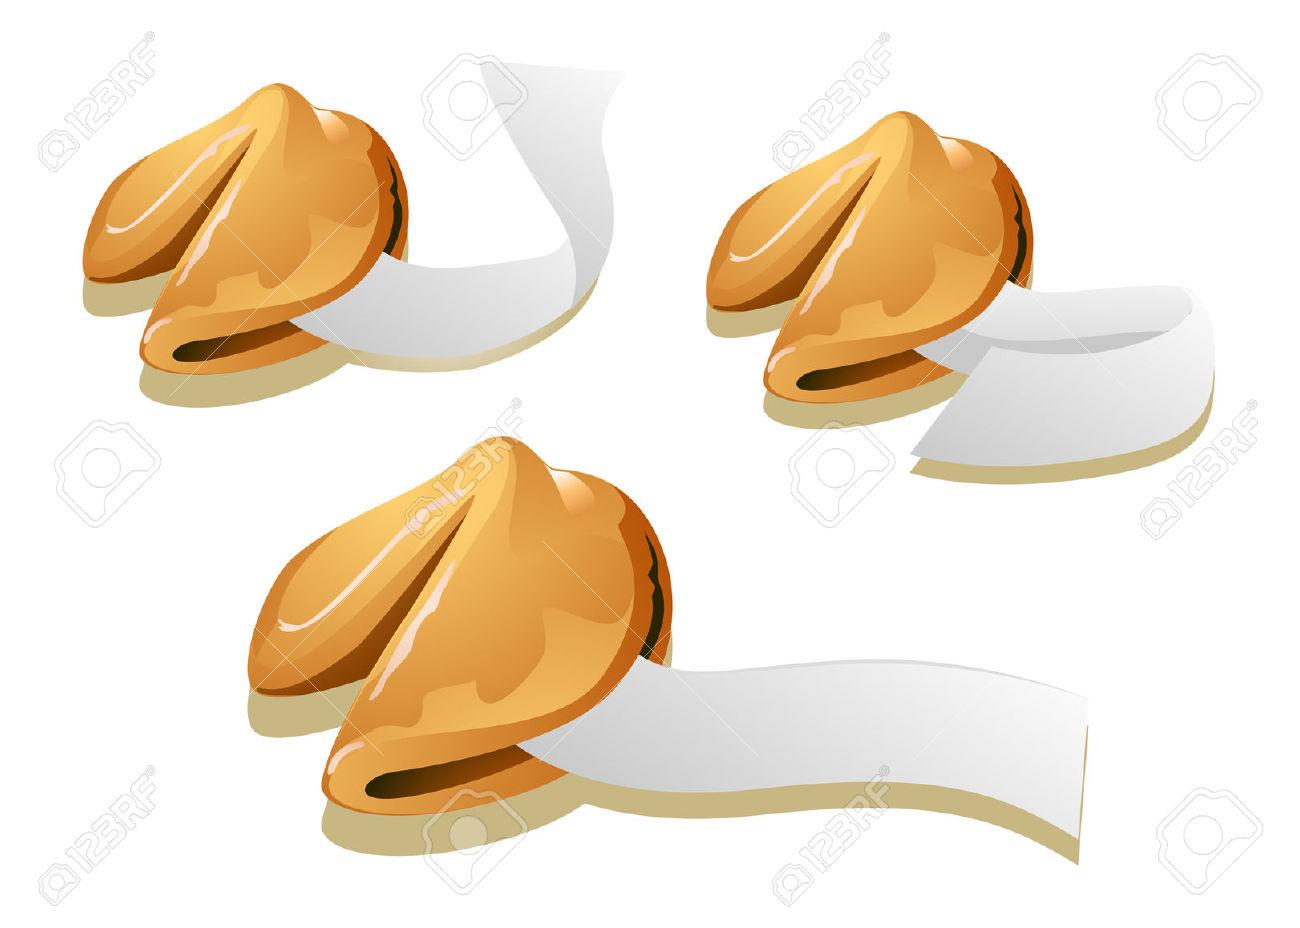 Fortune Cookies Stock Vector - 4615098-Fortune Cookies Stock Vector - 4615098-15